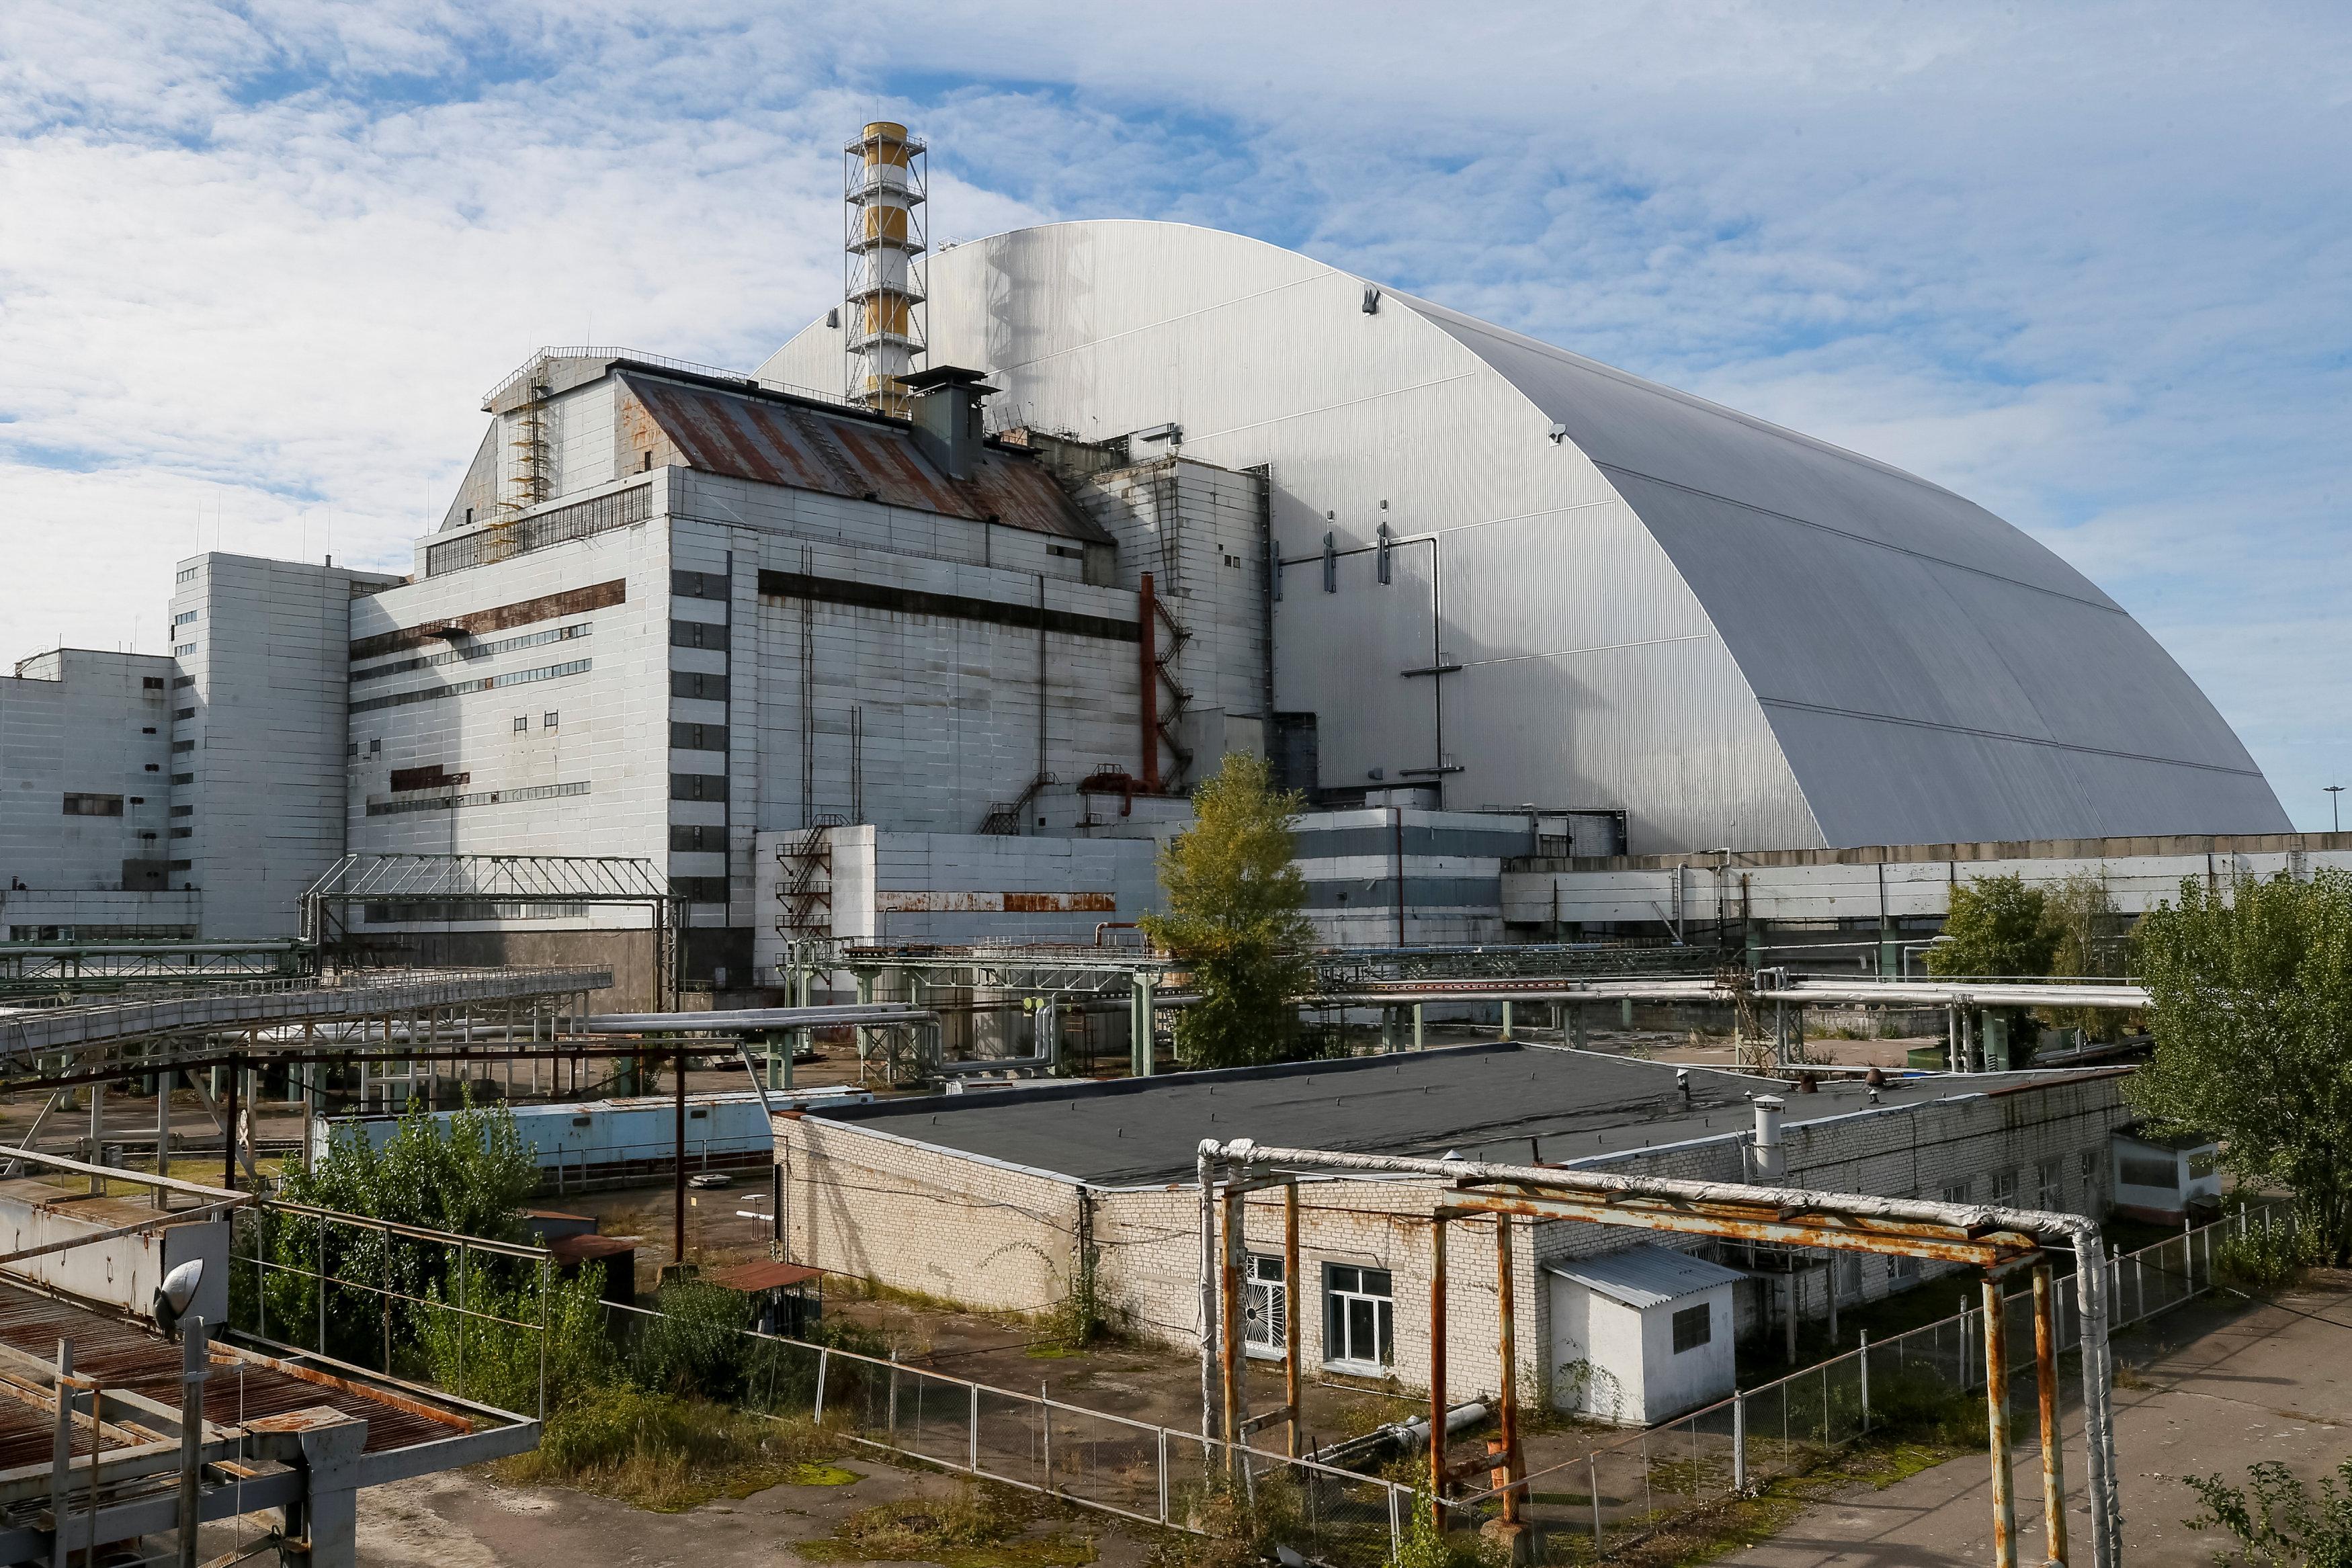 саркофаг для чернобыльской аэс фото можете